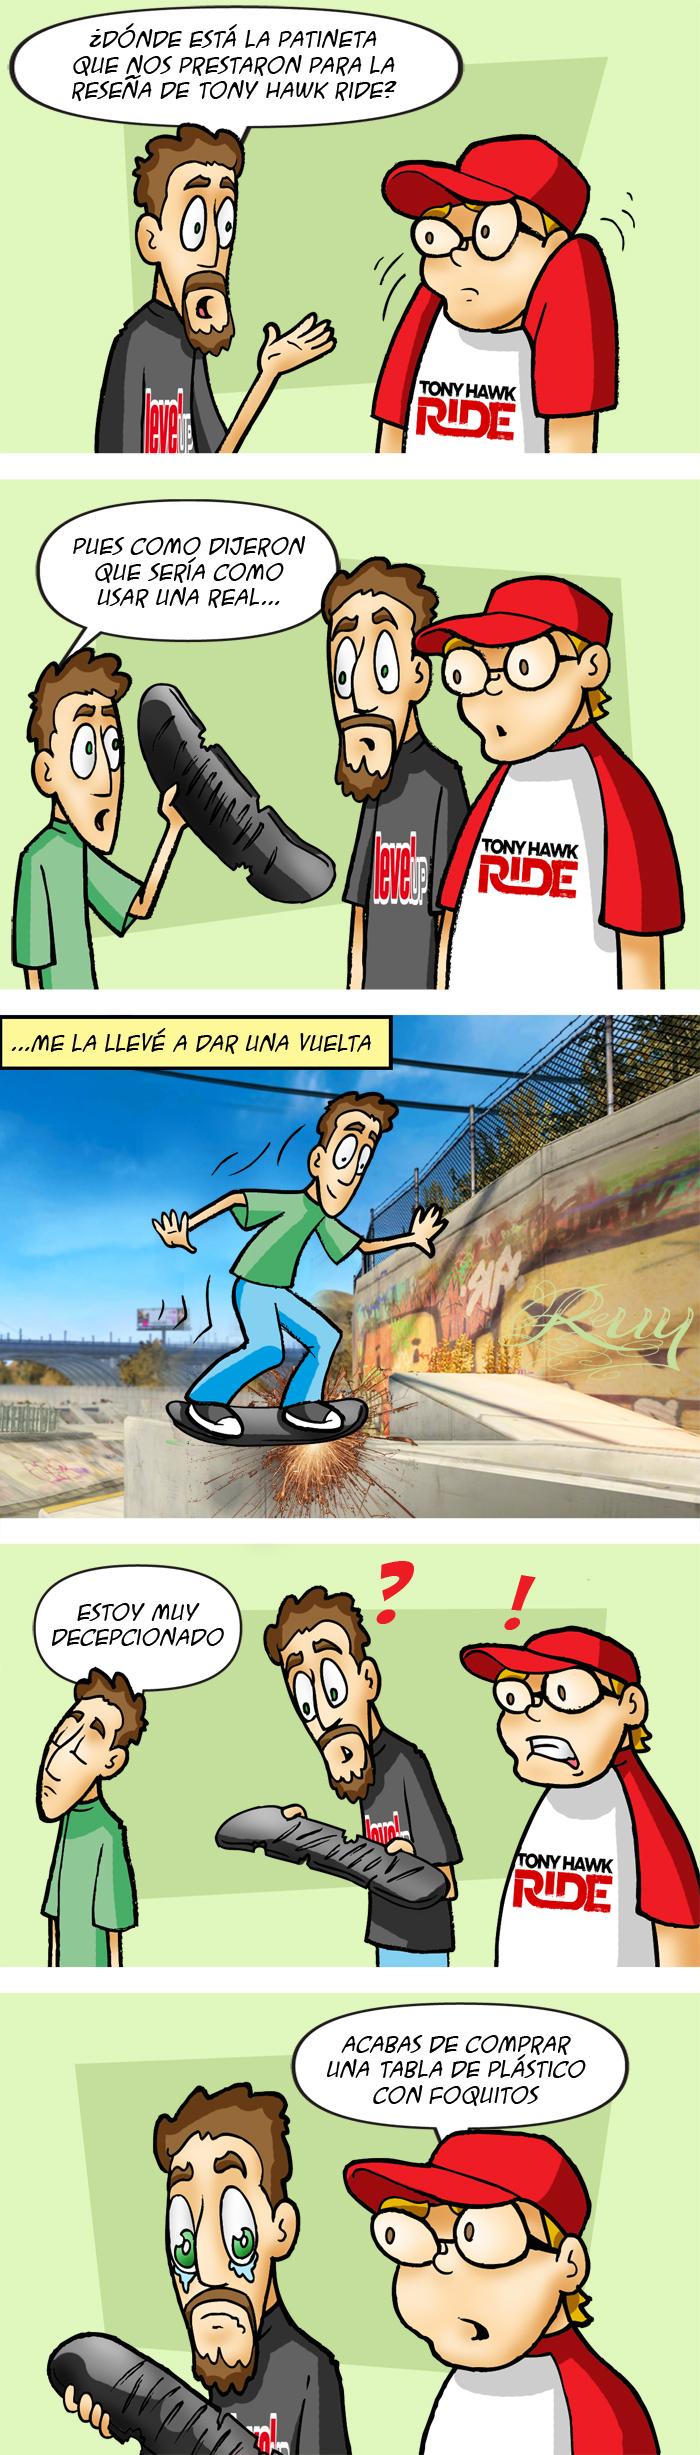 Nuevas experiencias de juego